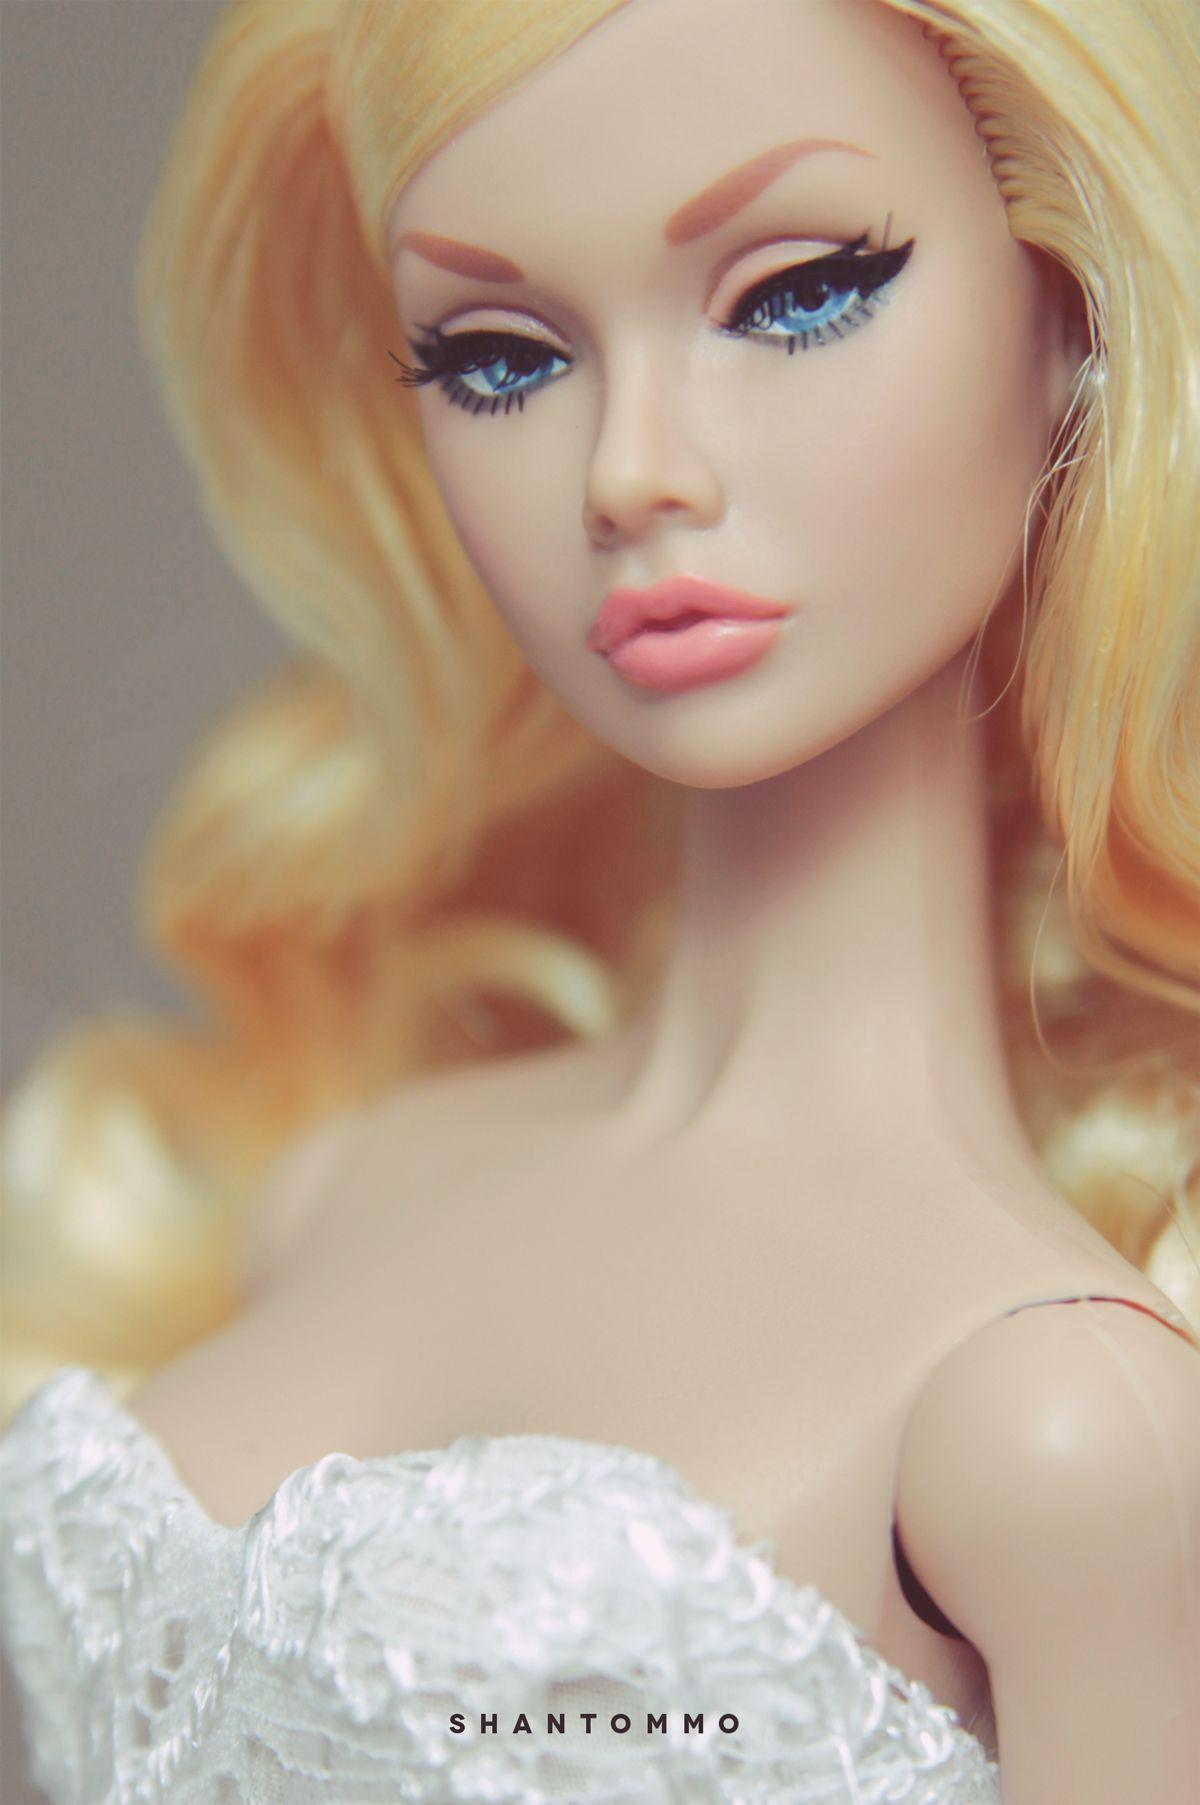 Shantommo 9 38 3 33 Munecas Barbie Barbie